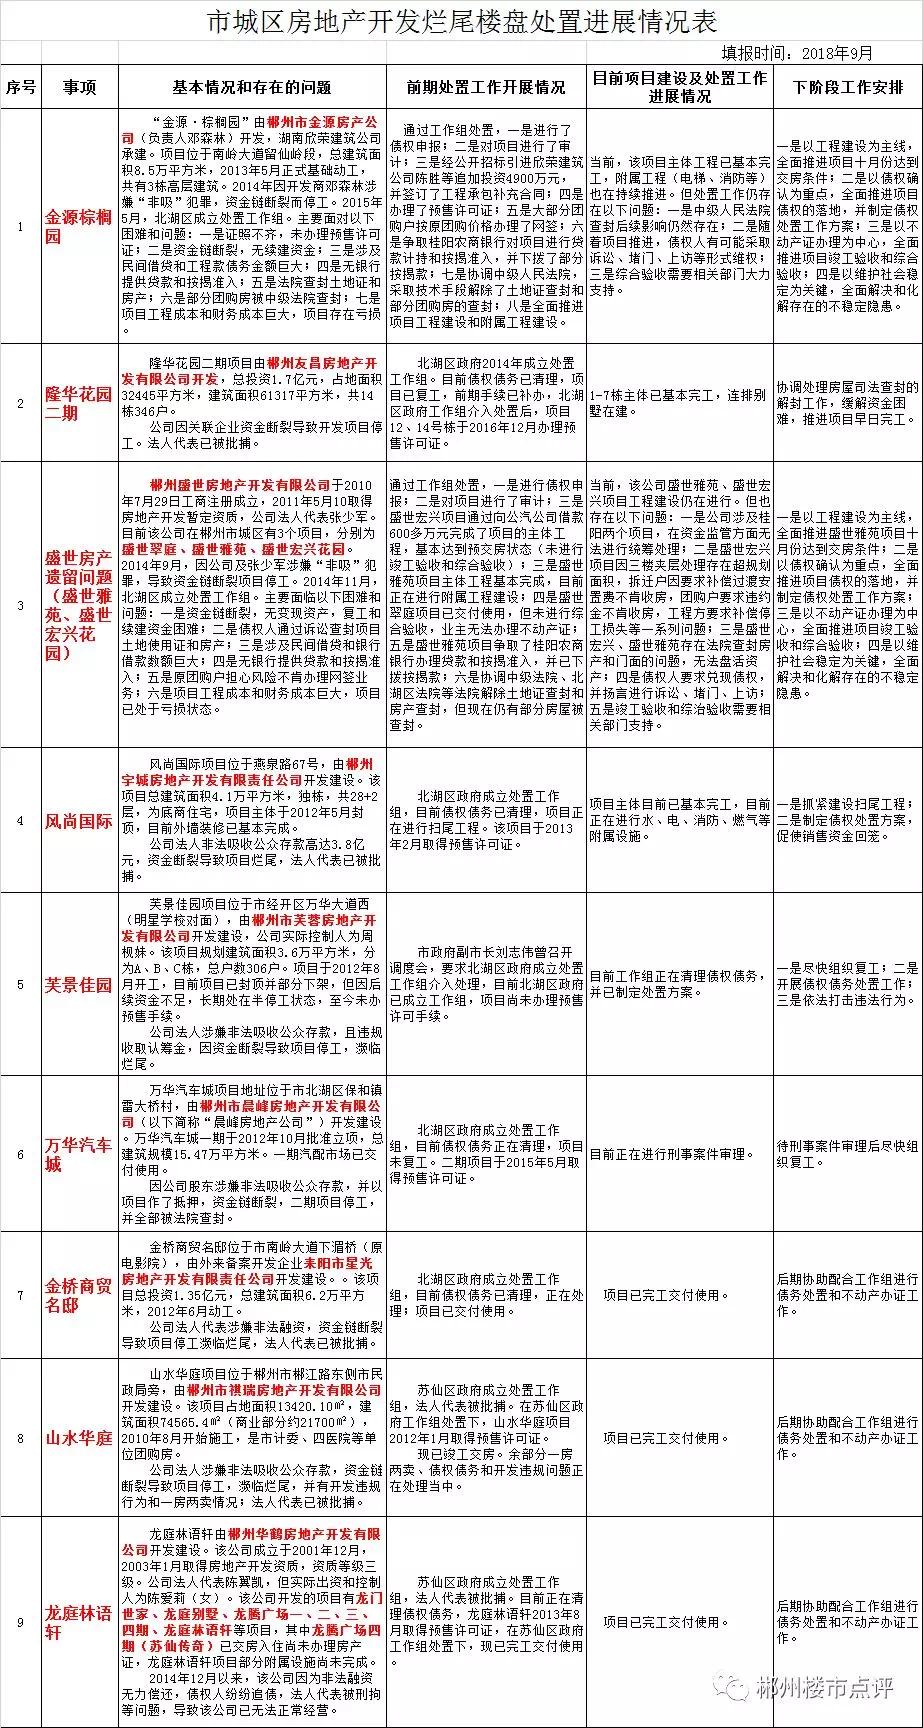 郴州市城区房地产开发烂尾楼盘处置工作进展情况的通知